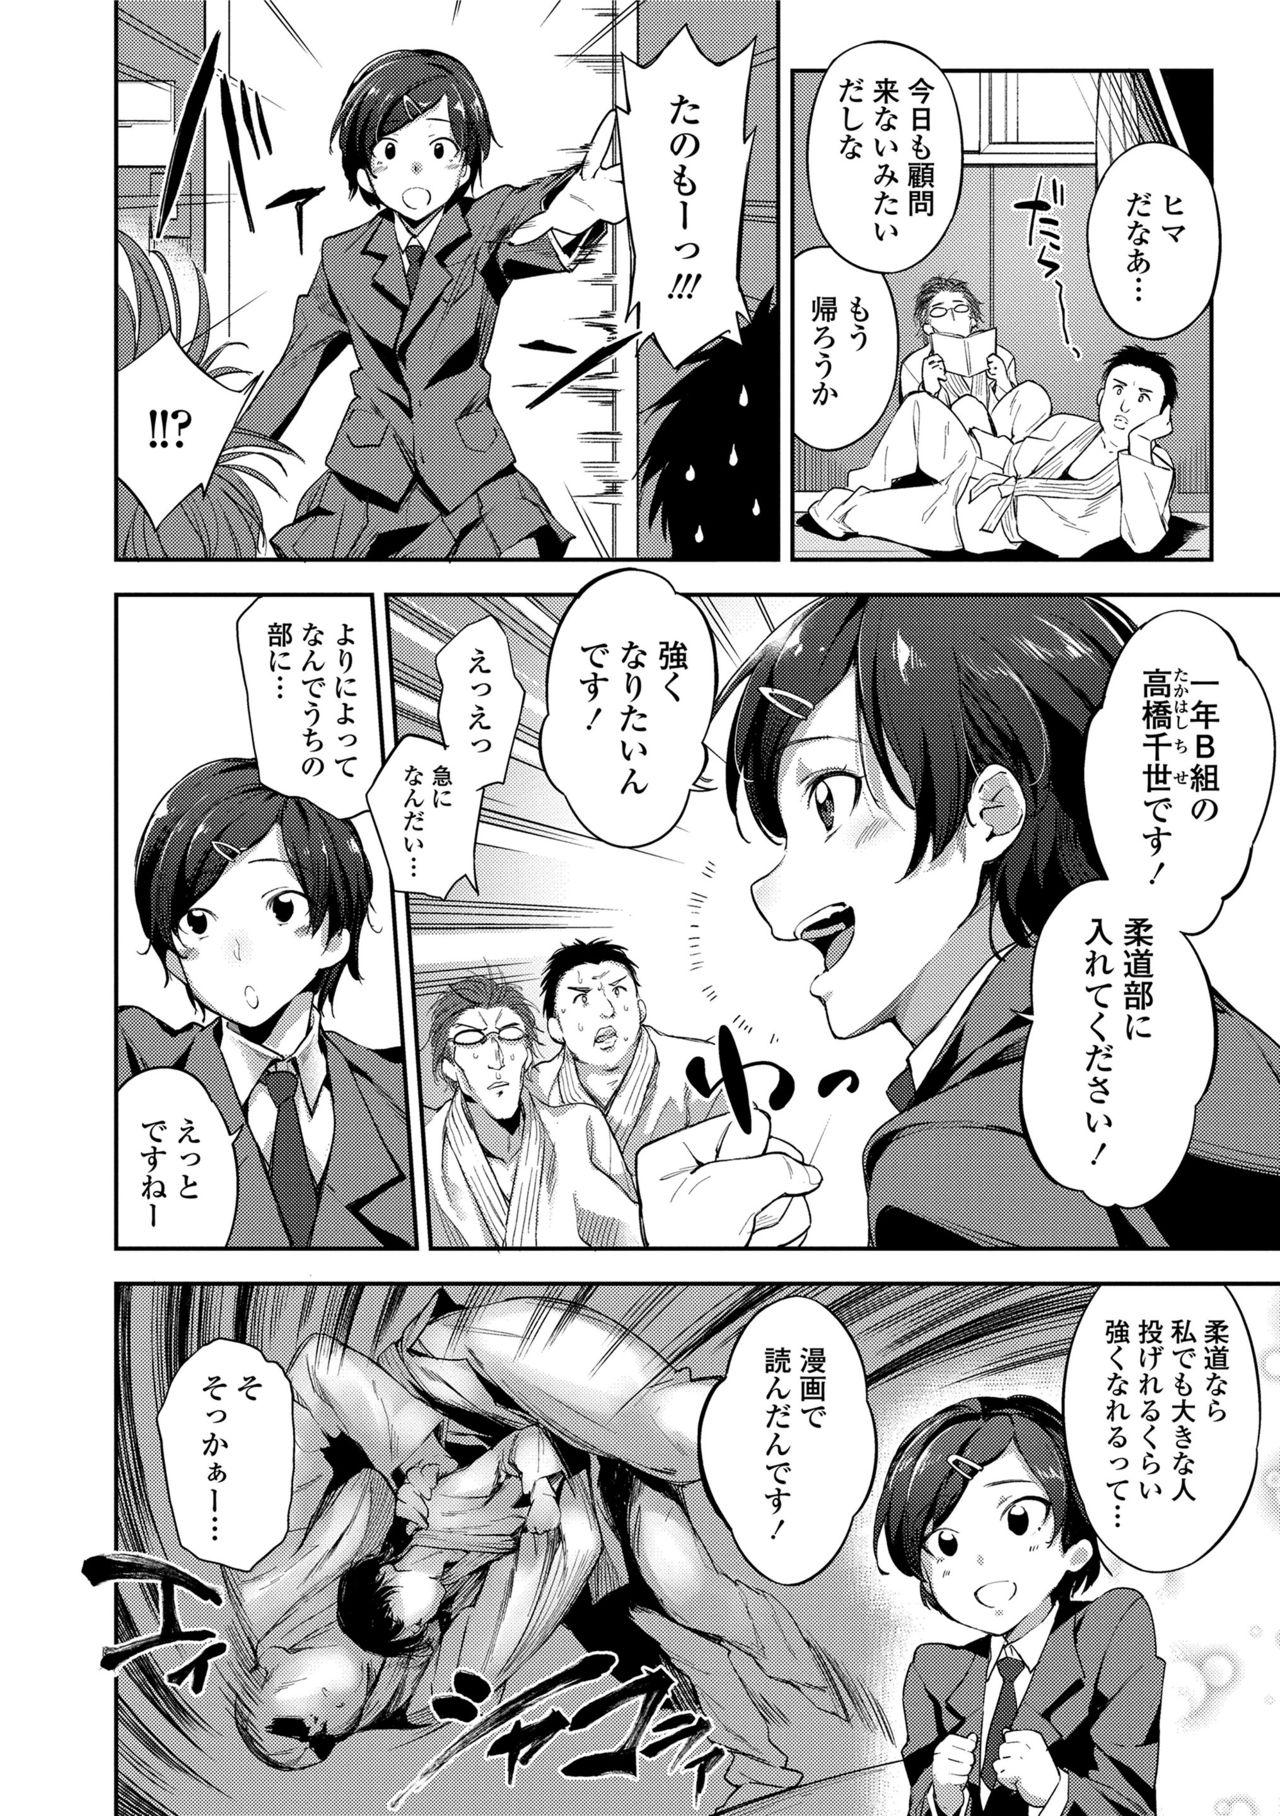 Ai ga Nakutemo Ecchi wa Dekiru! - Even if There is No Love You Can H! 83